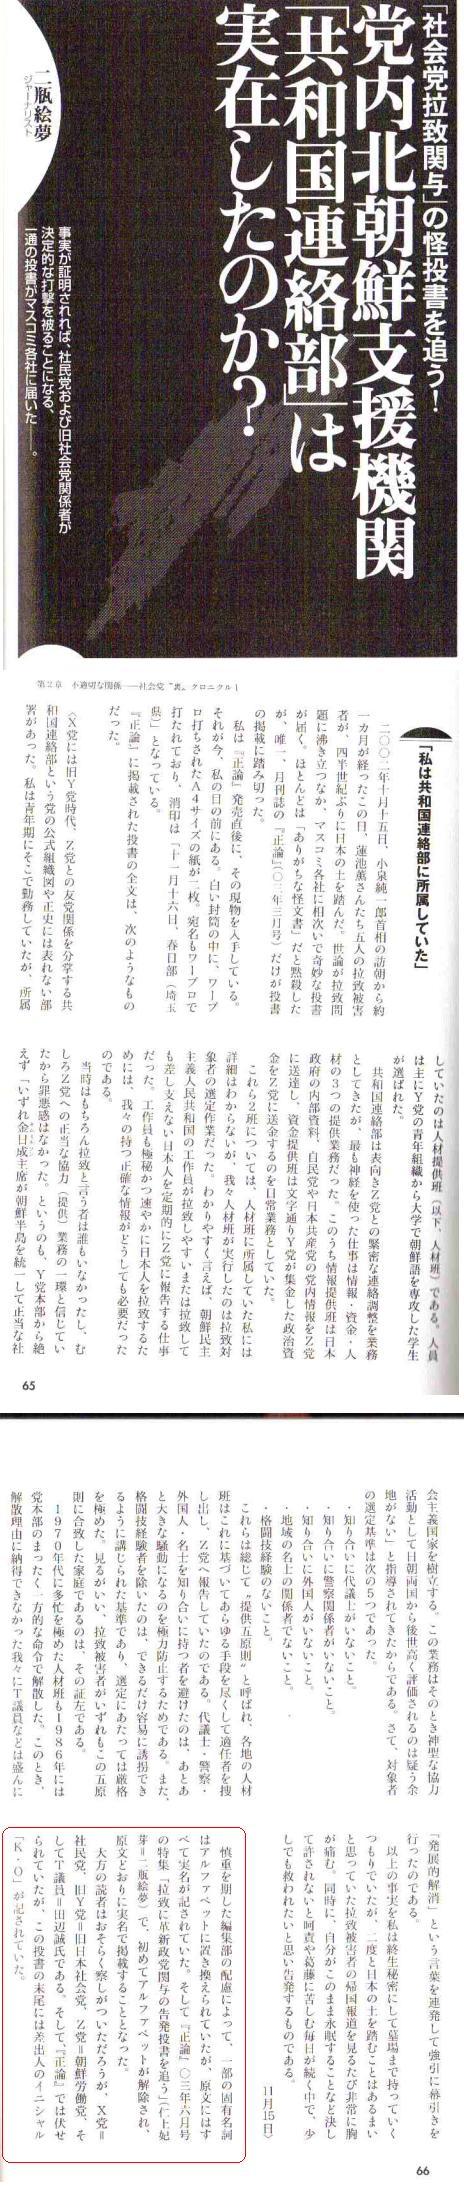 kokyouwarachishakai1.jpg